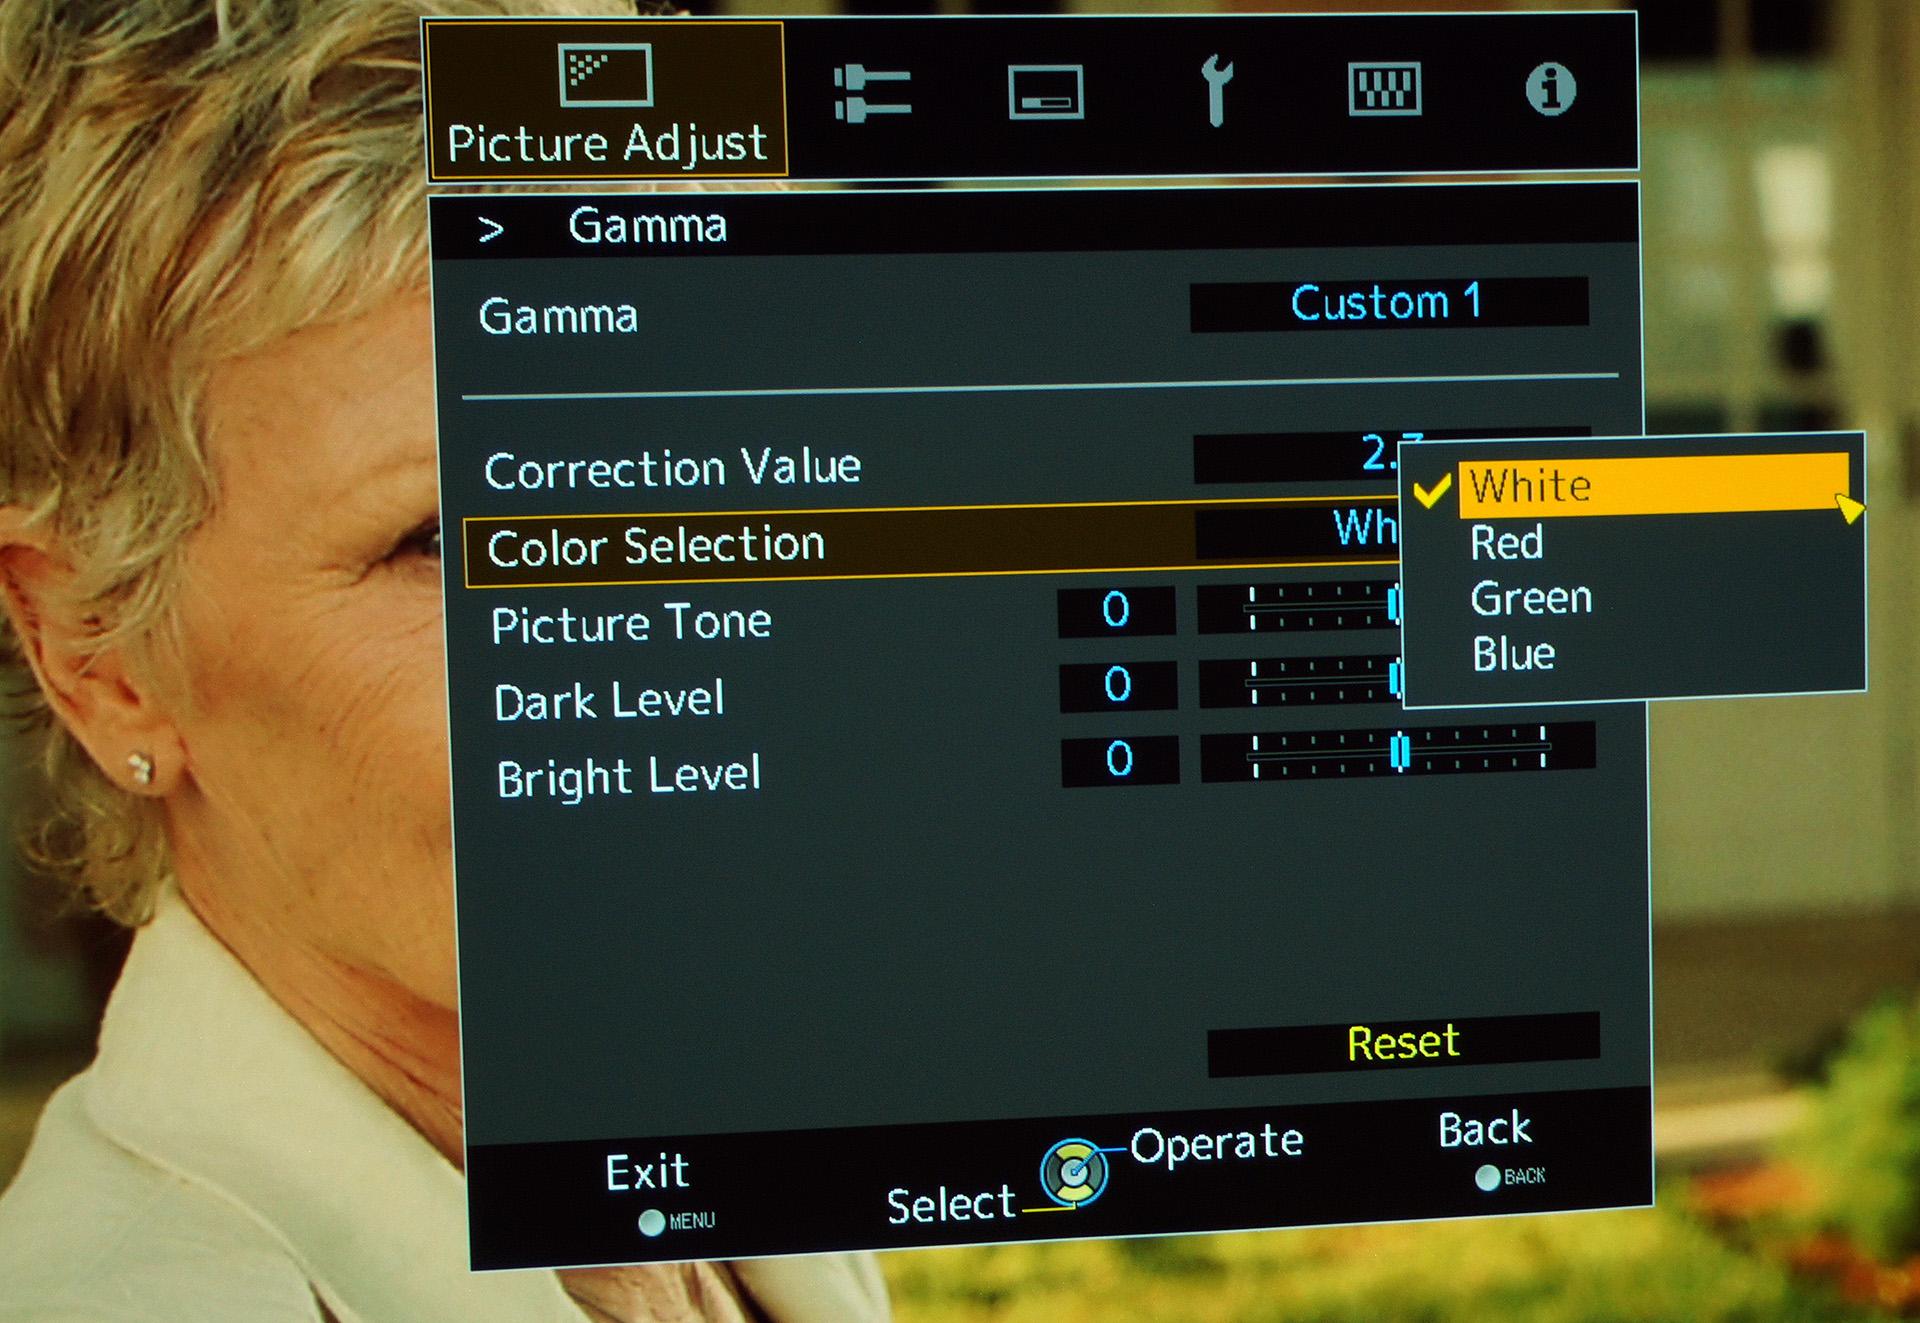 JVC DLA-X5000 full review - projectorjunkies